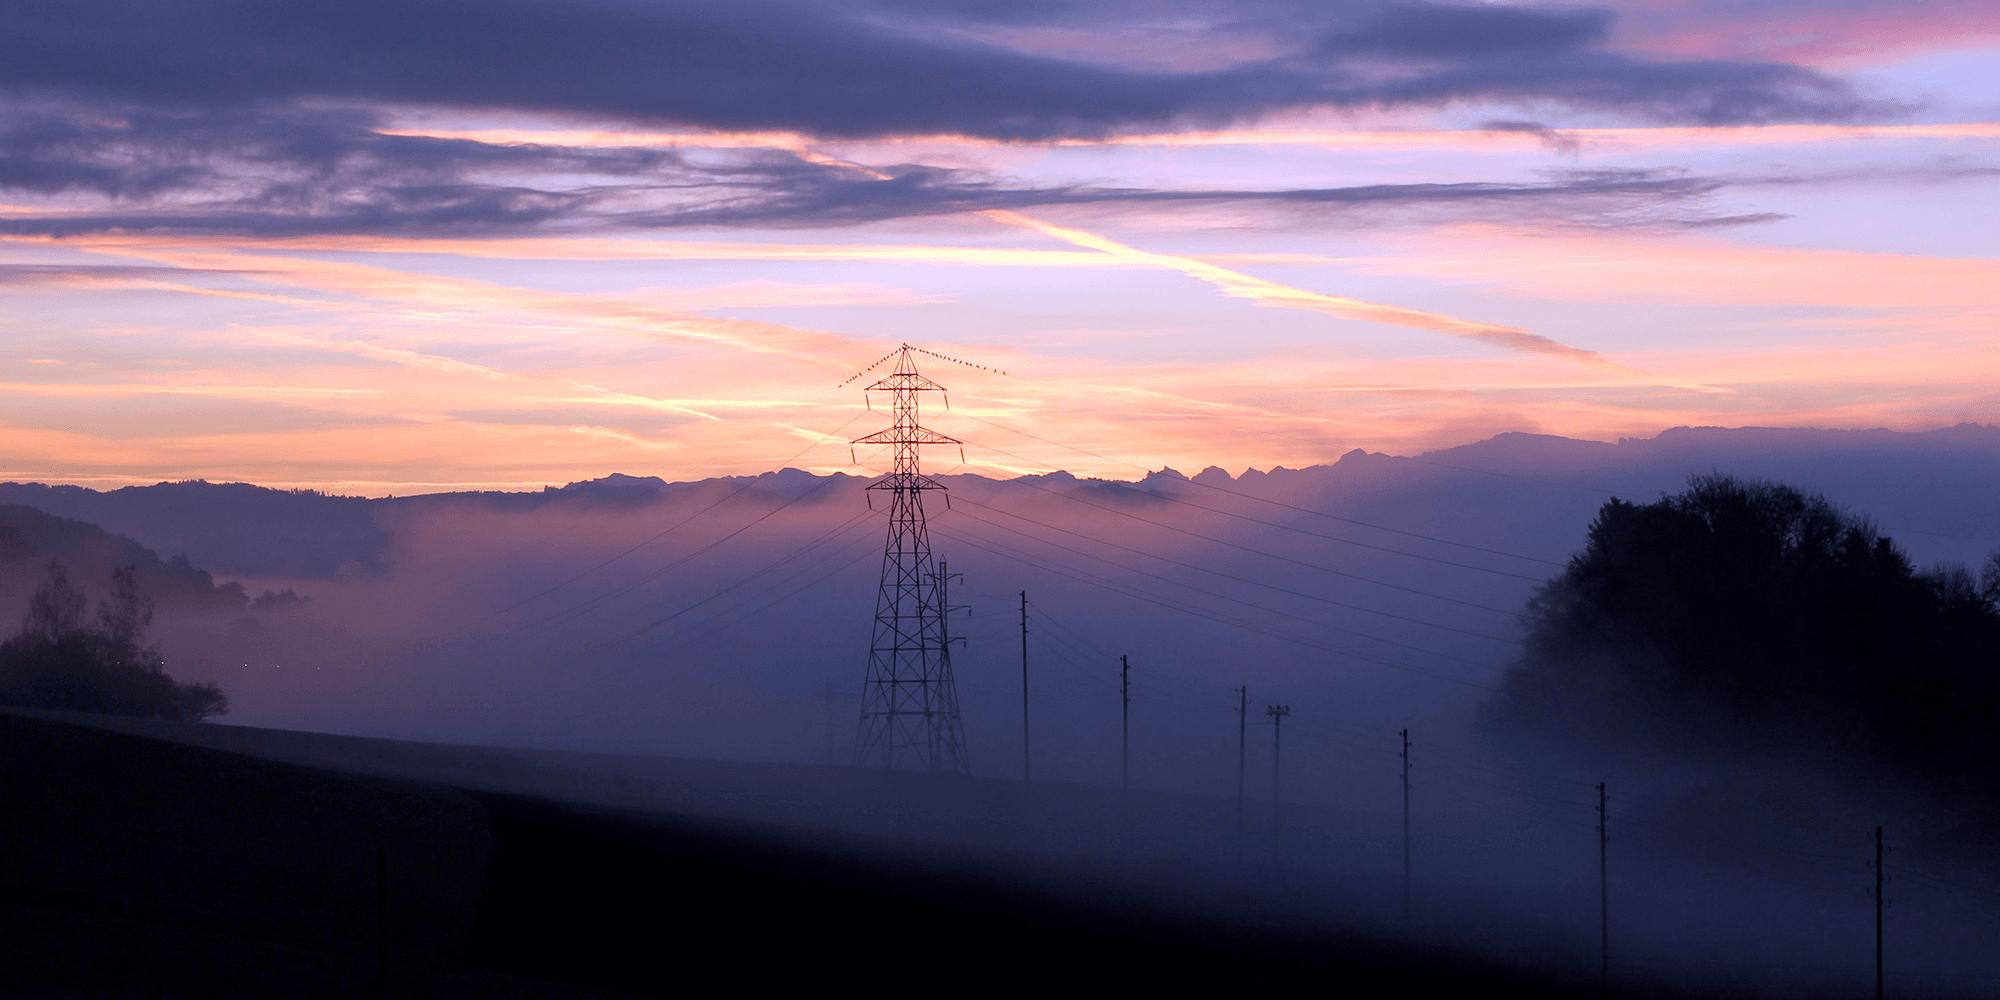 Illustrasjonsbilde: Bilde av strømmaster i et tåkete landskap